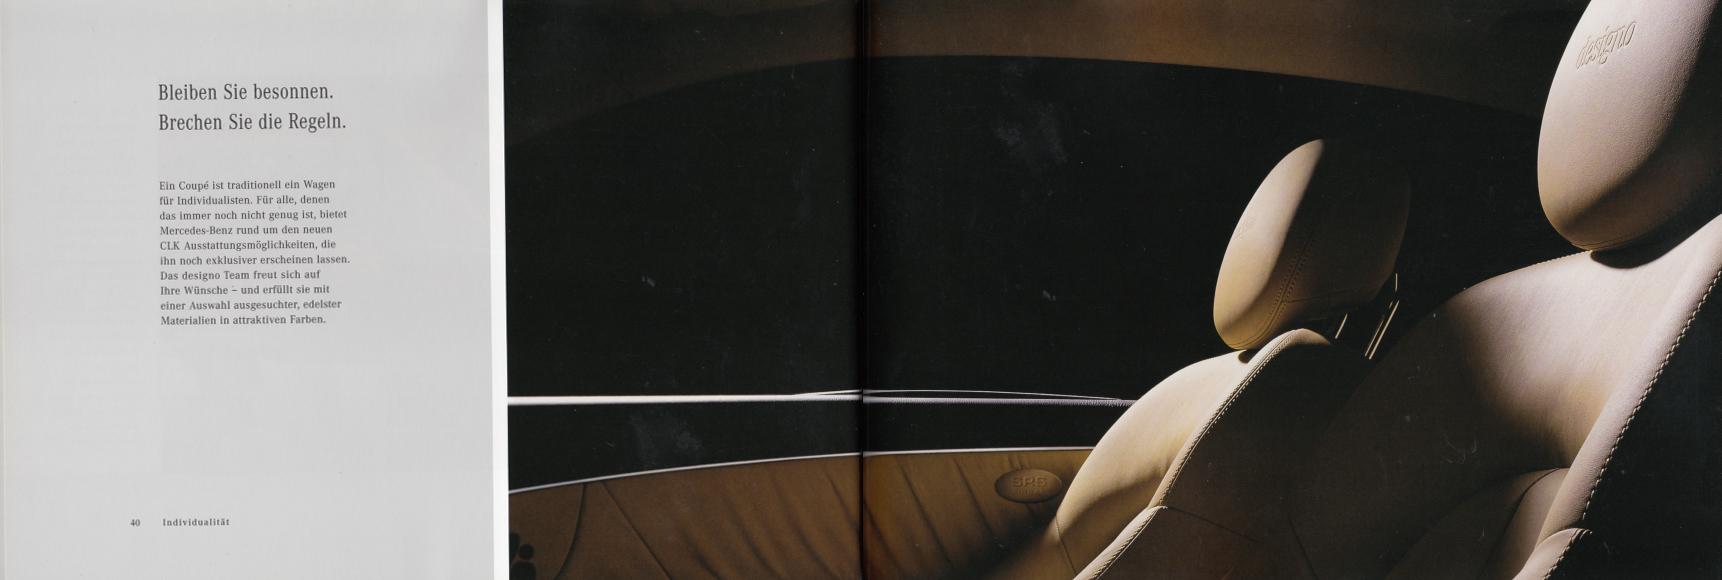 (C209): Catálogo 2002 - alemão 021